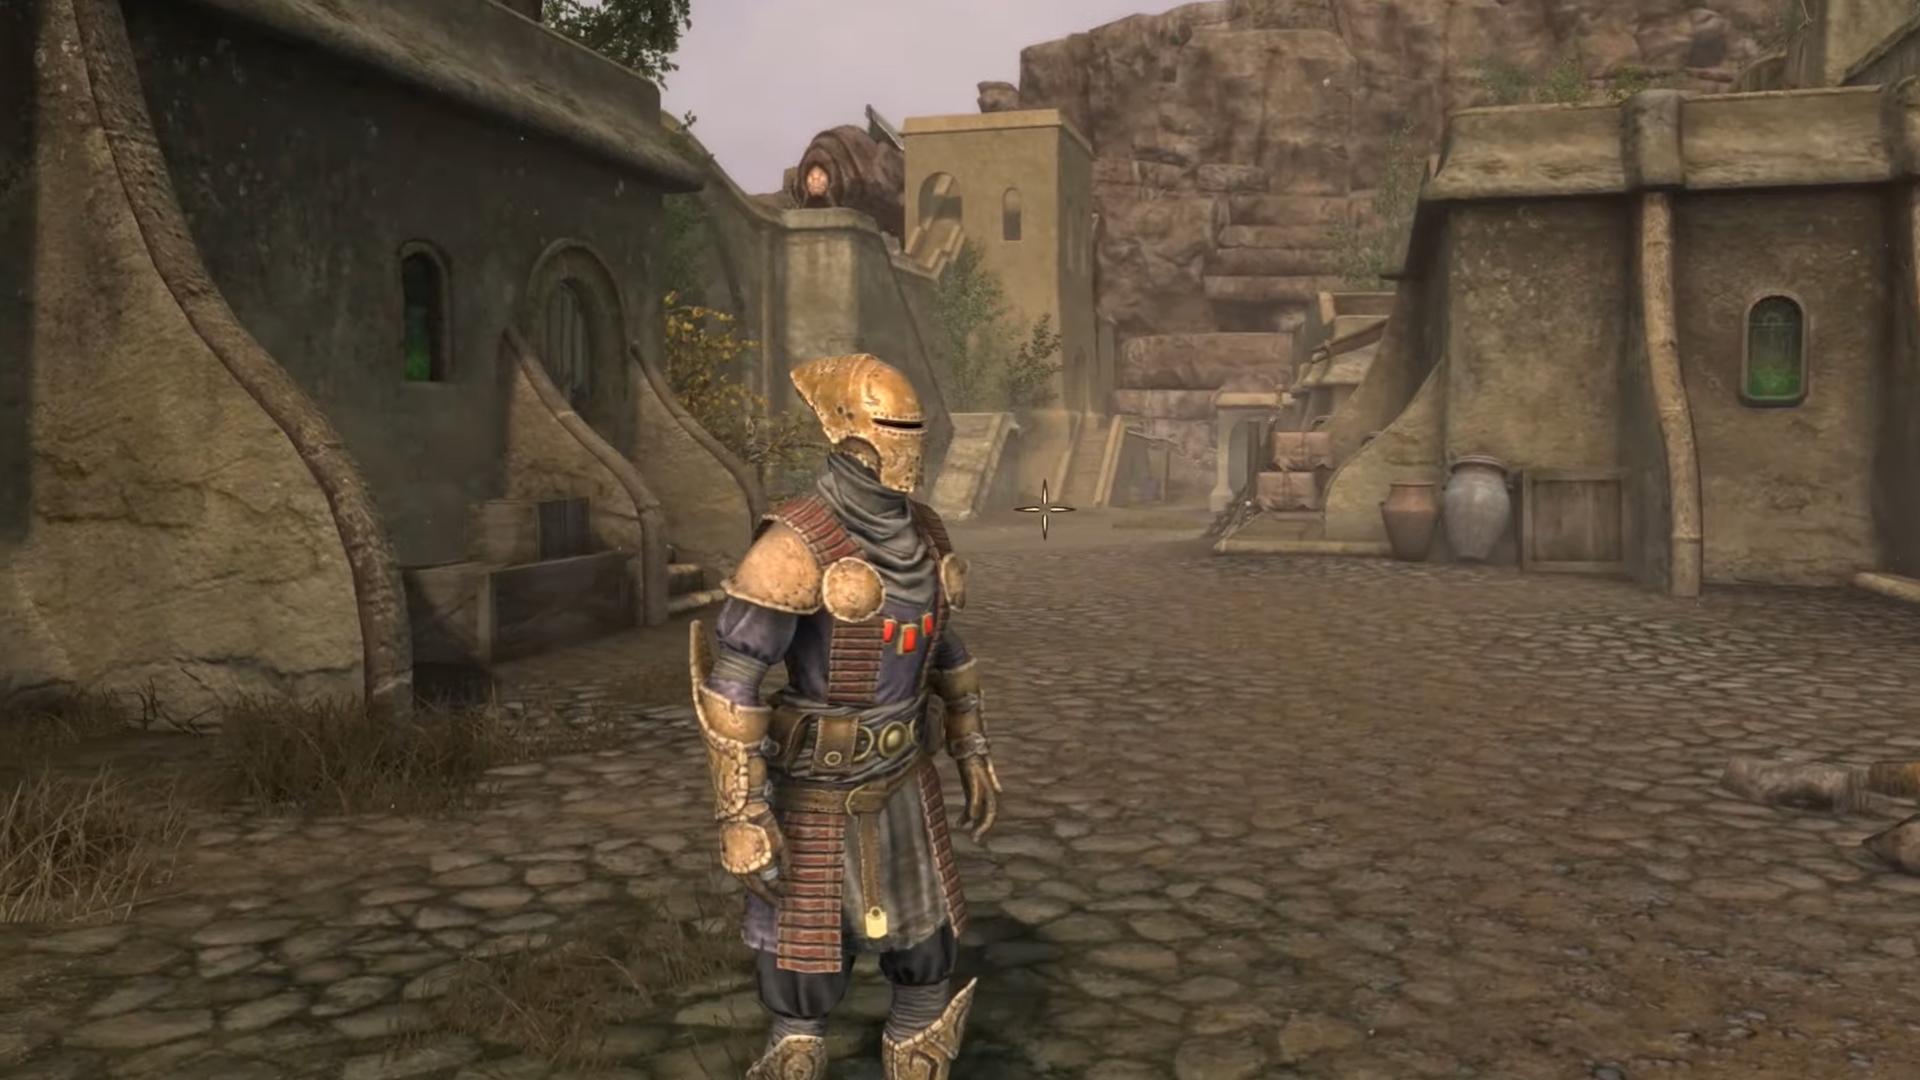 ▷ ▷ Morrowind, Skywind'in ilk oynanış filminde Skyrim modu olarak muhteşem görünüyor »✅ 1